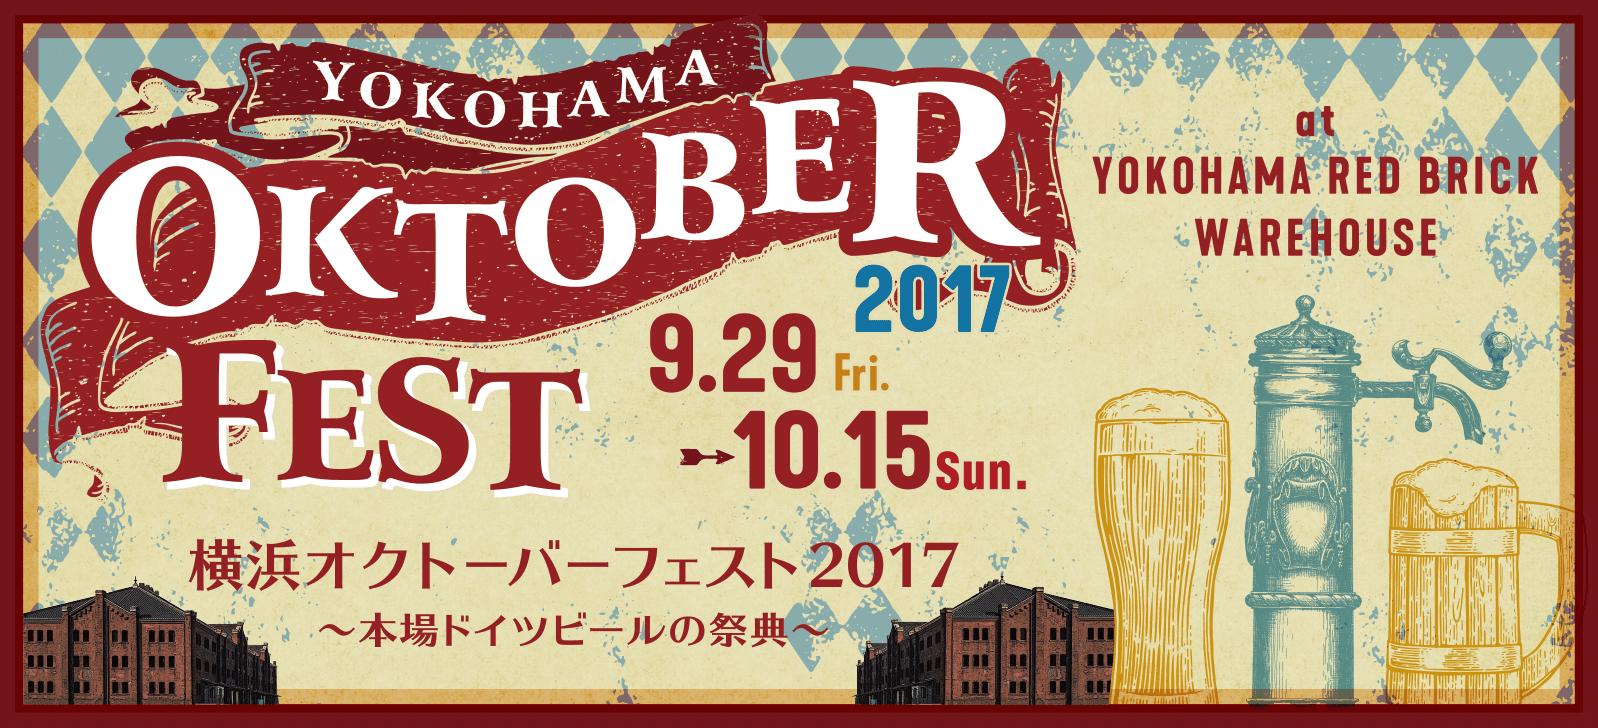 【10月7日/10日出演】横浜オクトーバーフェスト2017